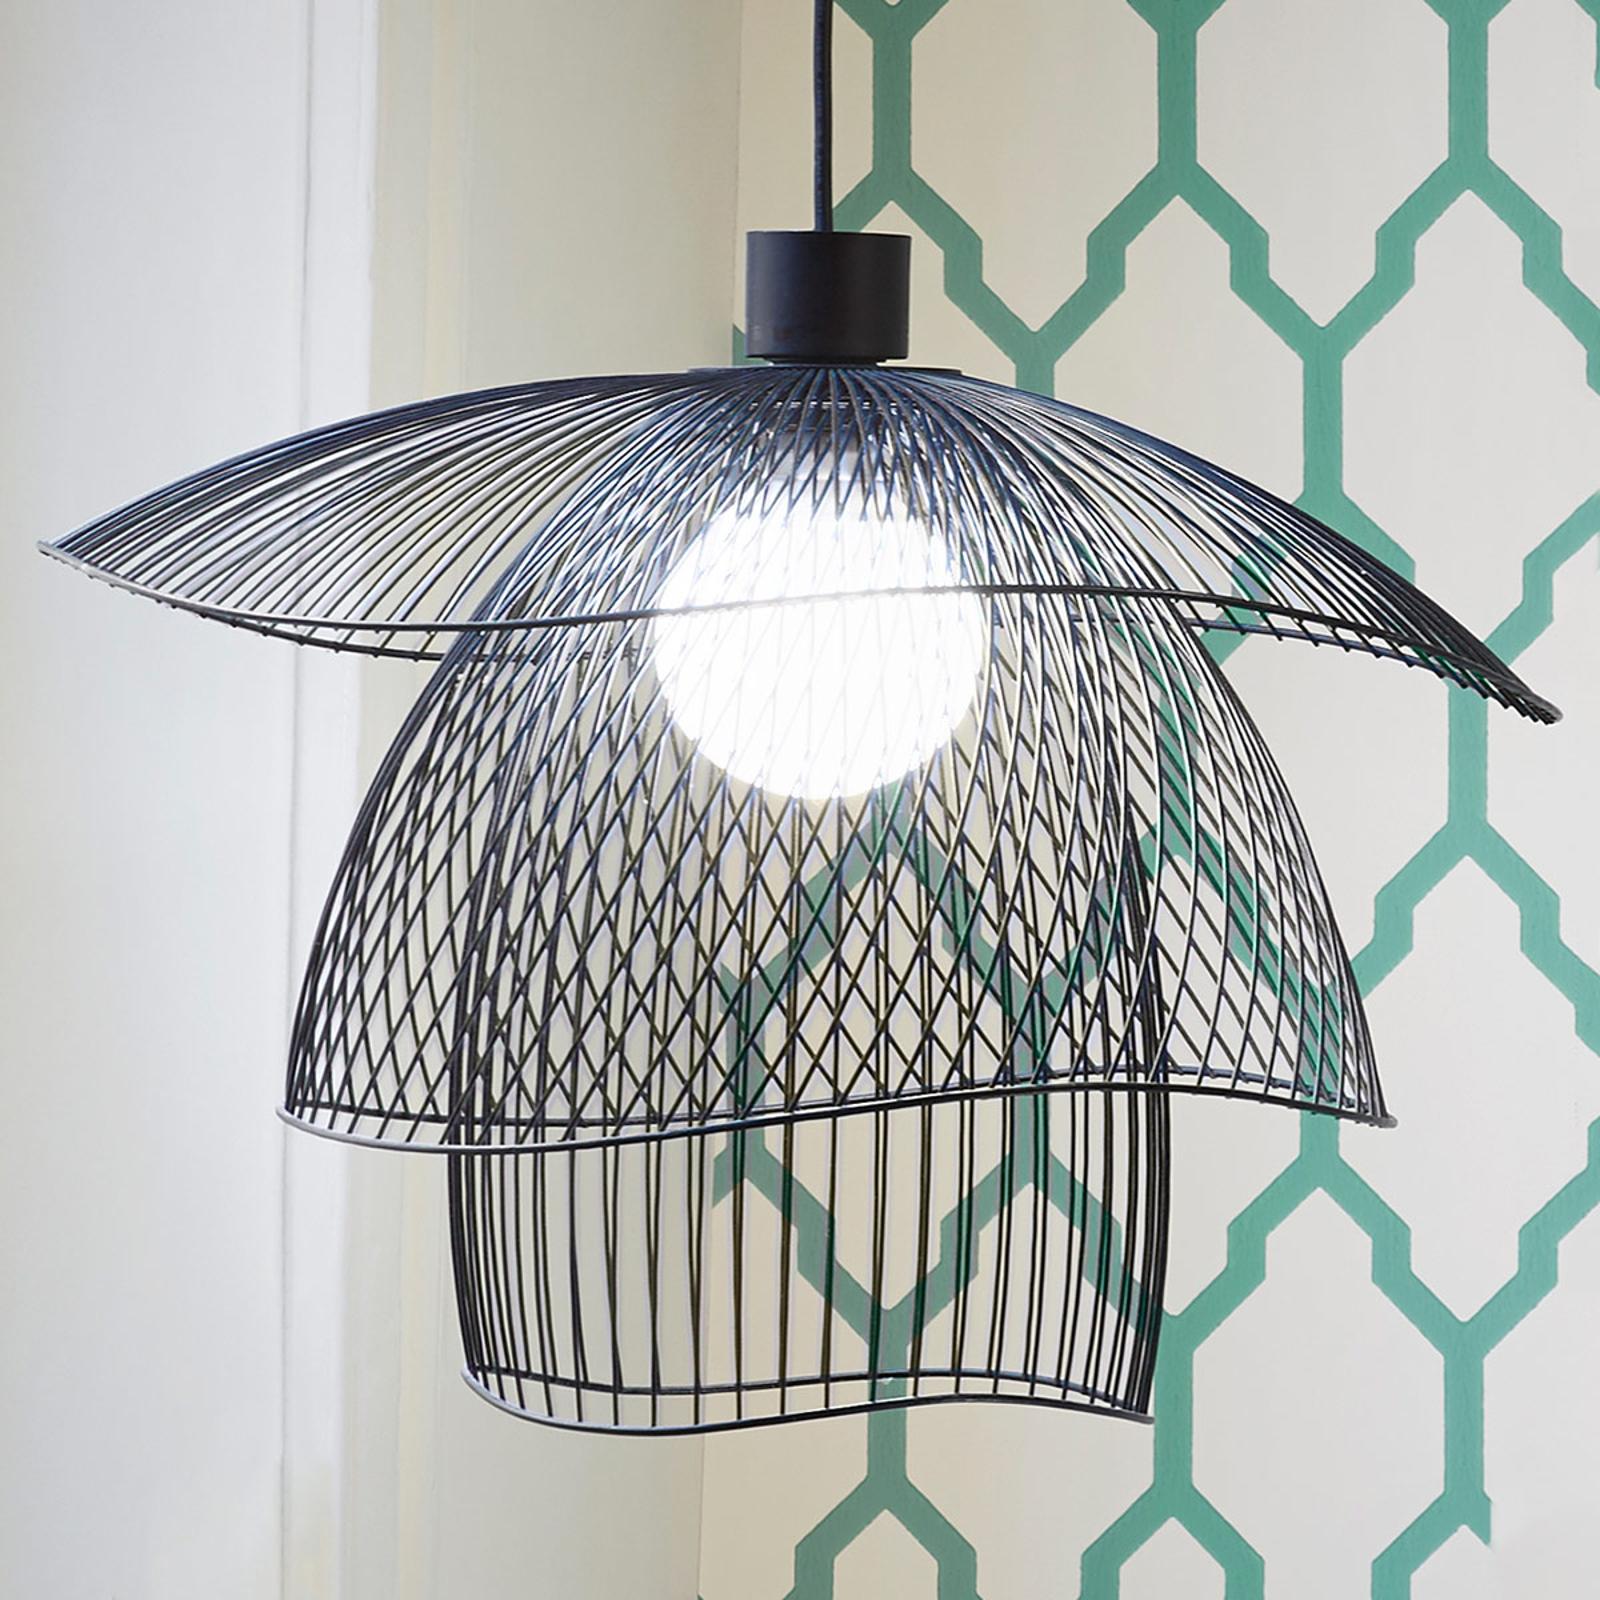 Forestier Papillon S hanglamp 56 cm zwart